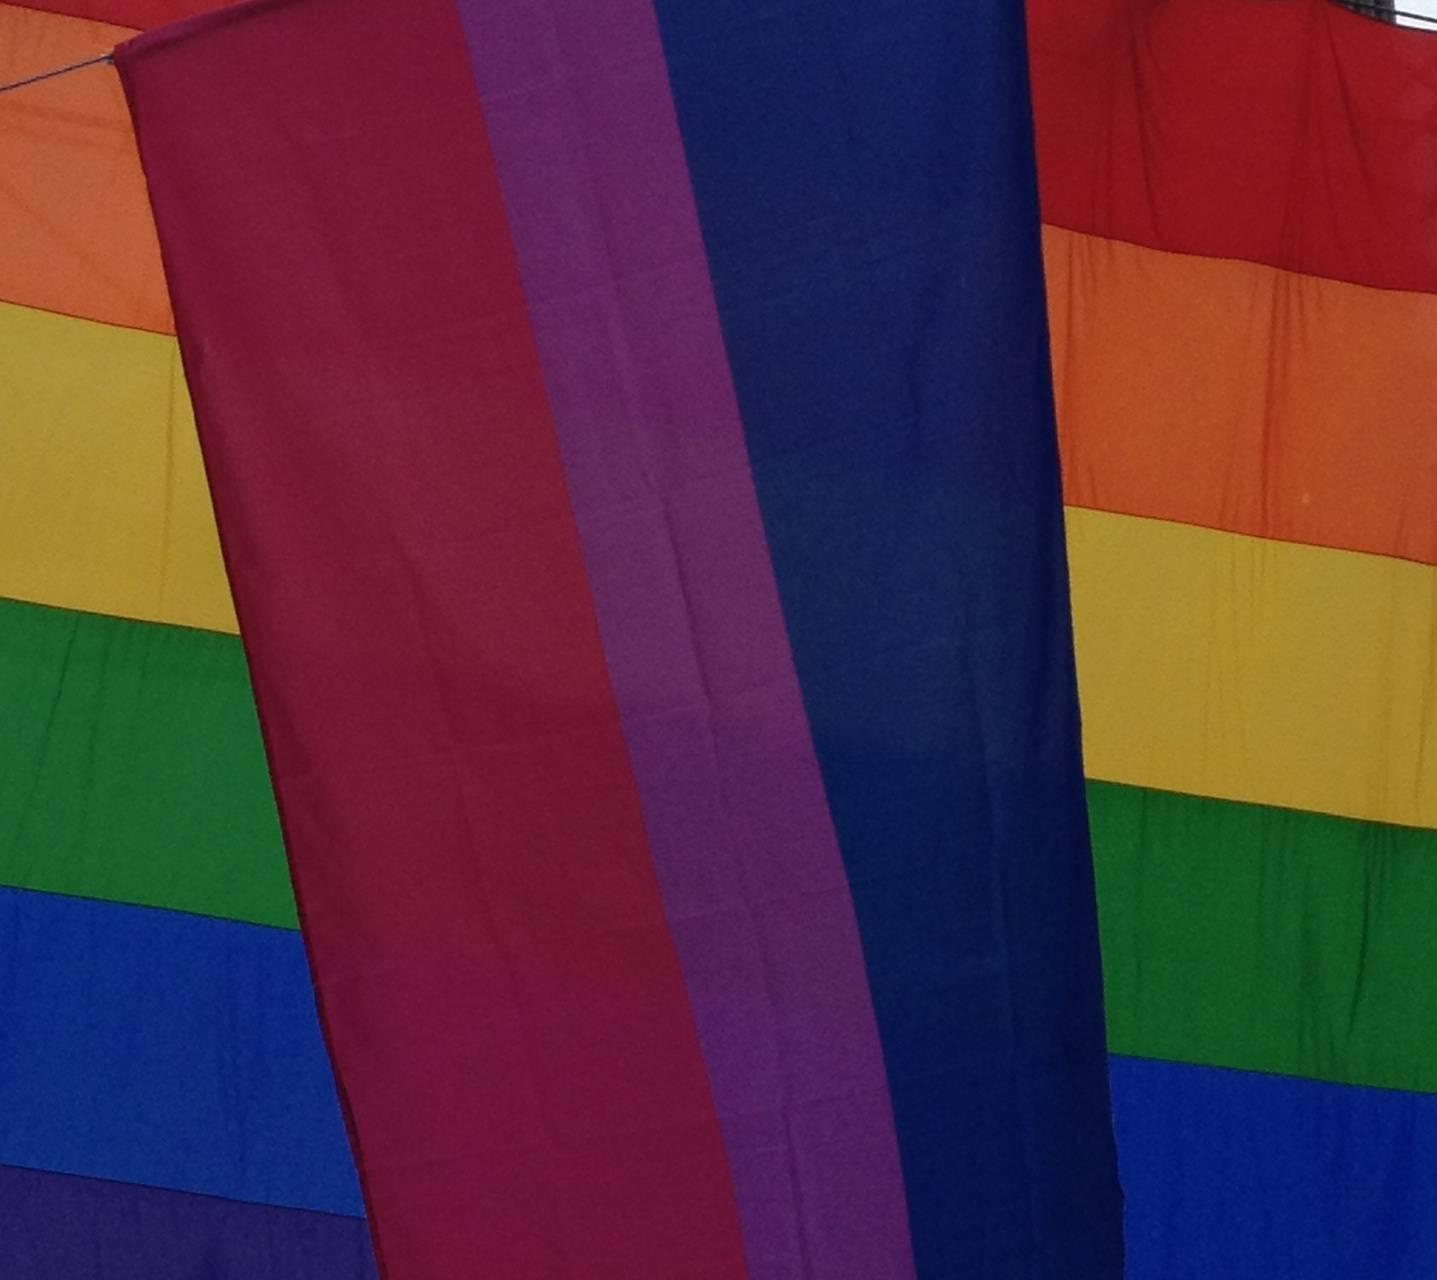 Lots of Pride